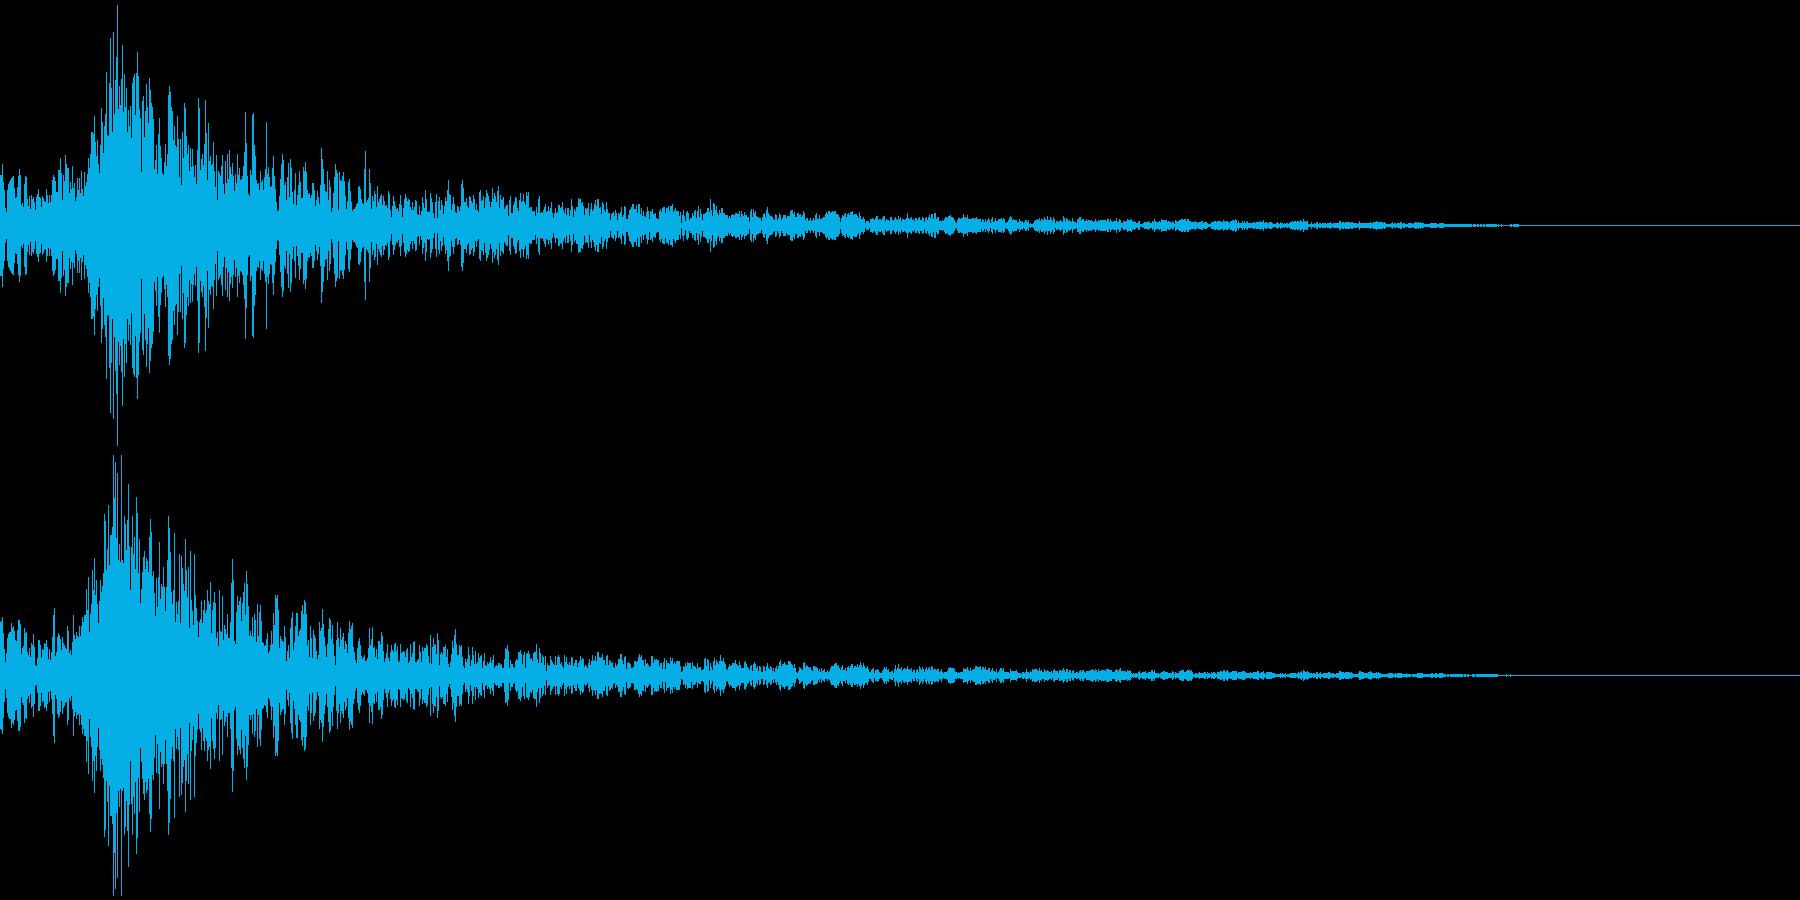 打撃音・爆発音・ヒット5-ヒュードーンッの再生済みの波形